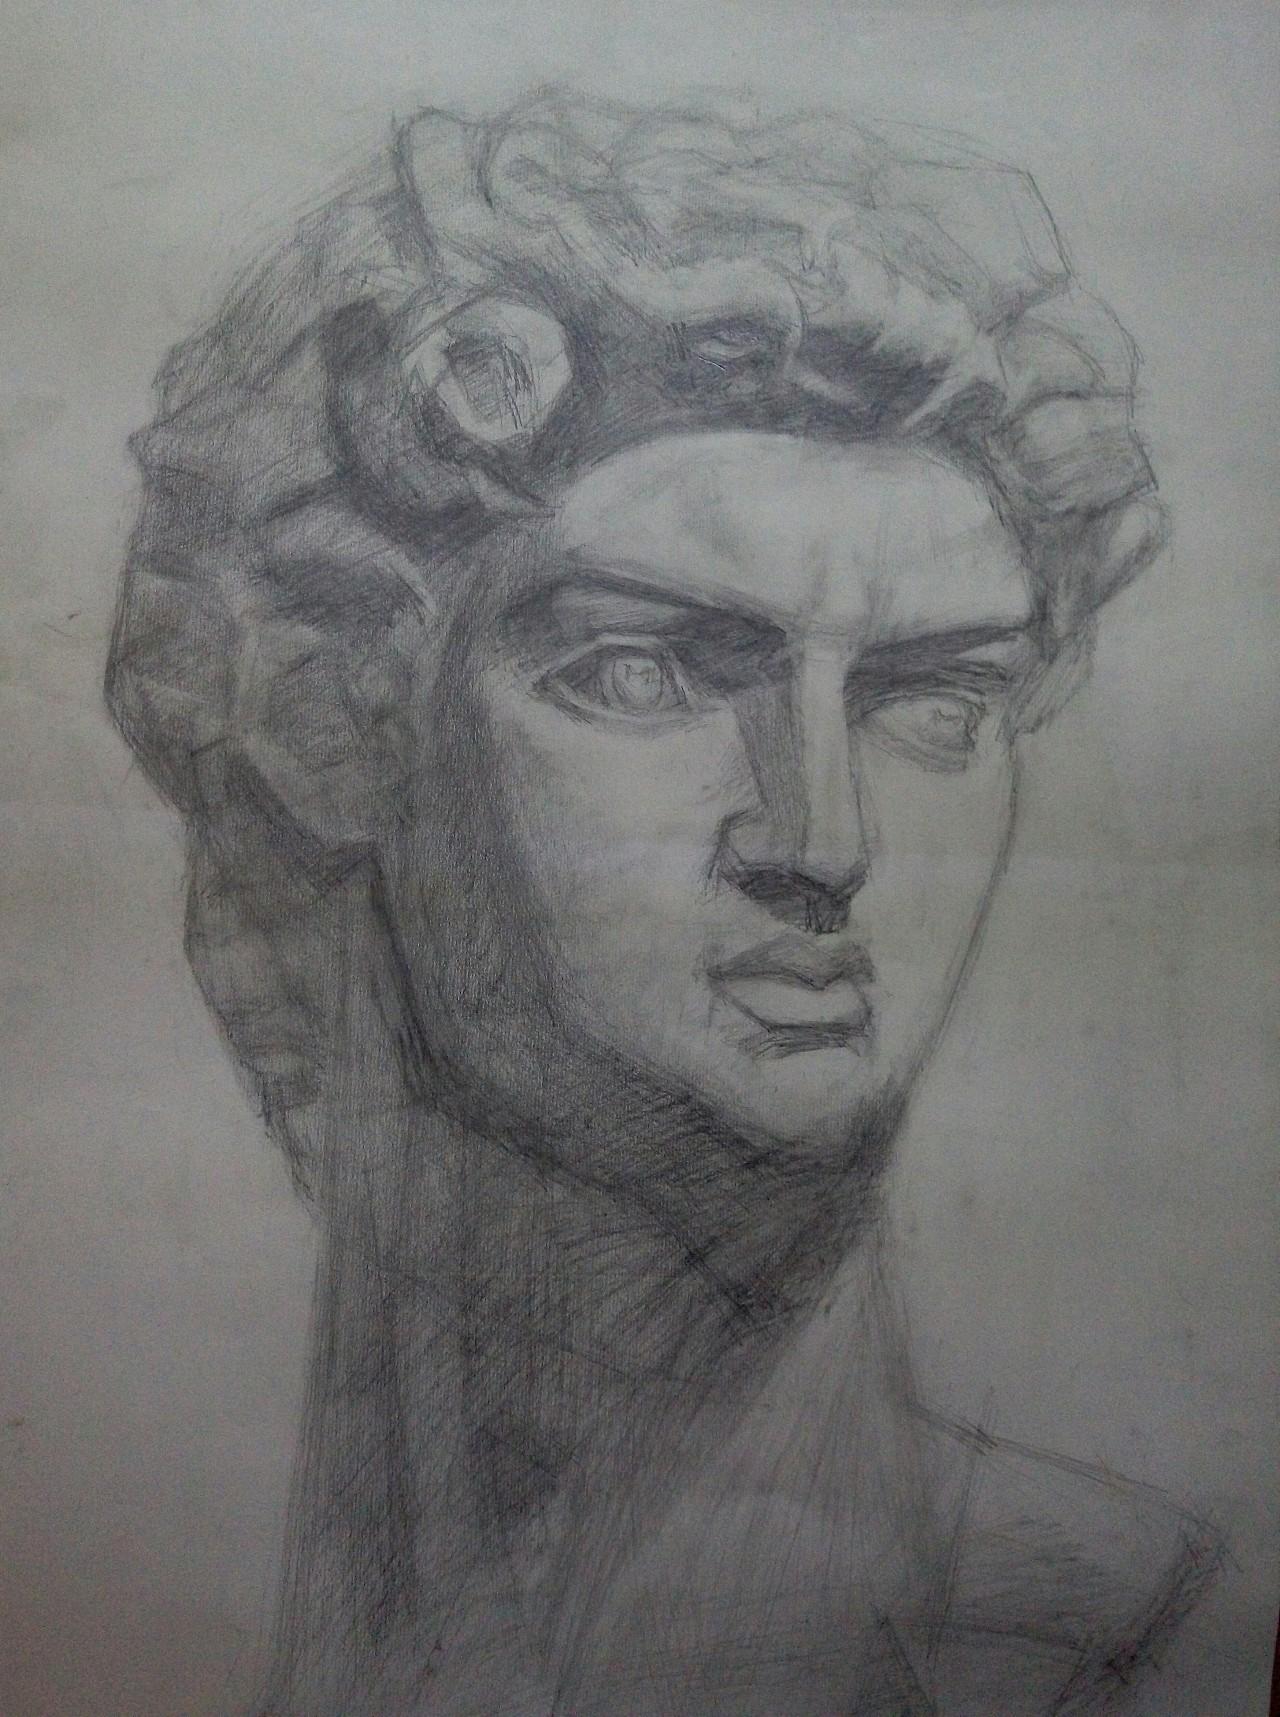 手绘图标及石膏像